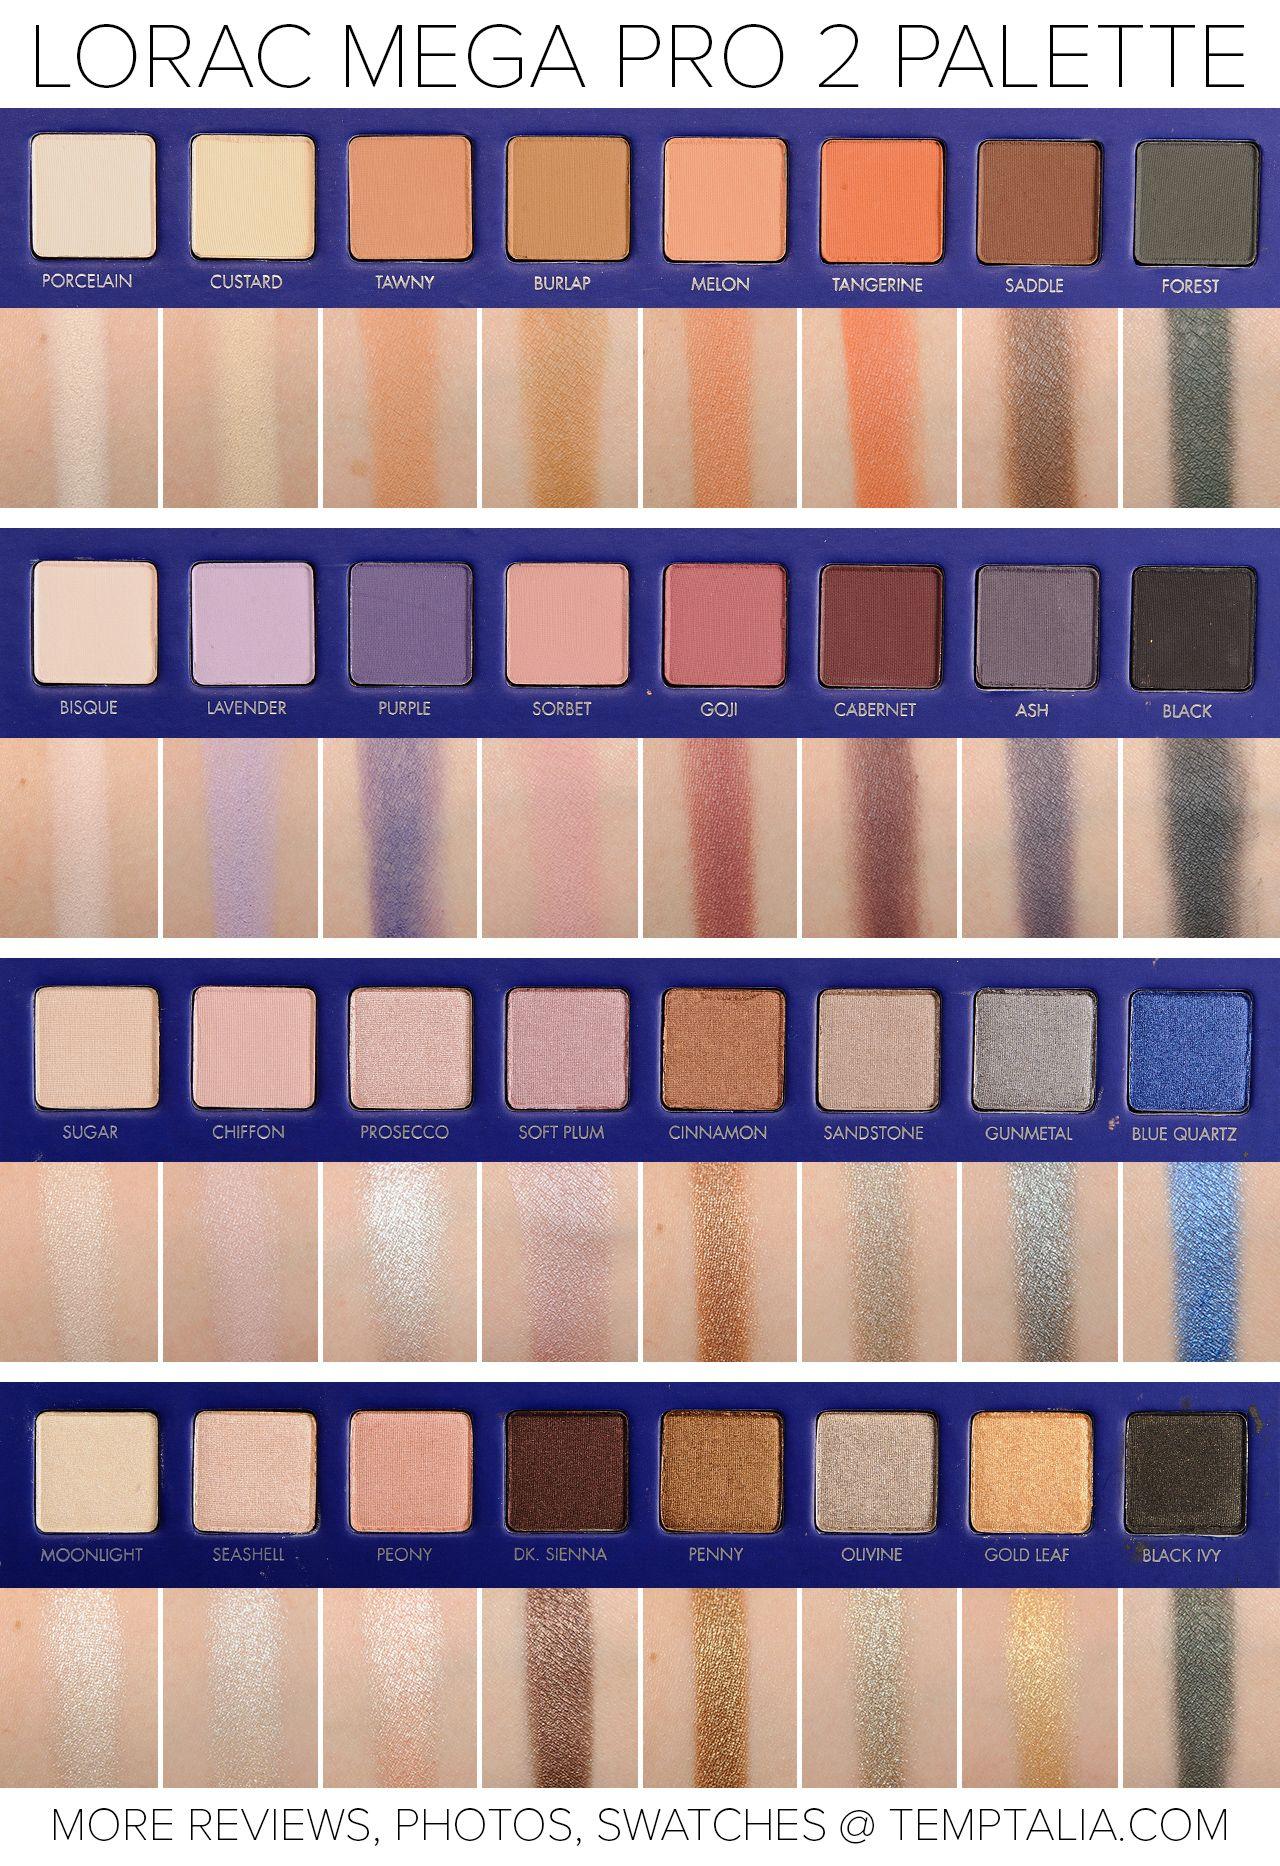 sneak peek lorac mega pro 2 palette photos swatches m a k e u p